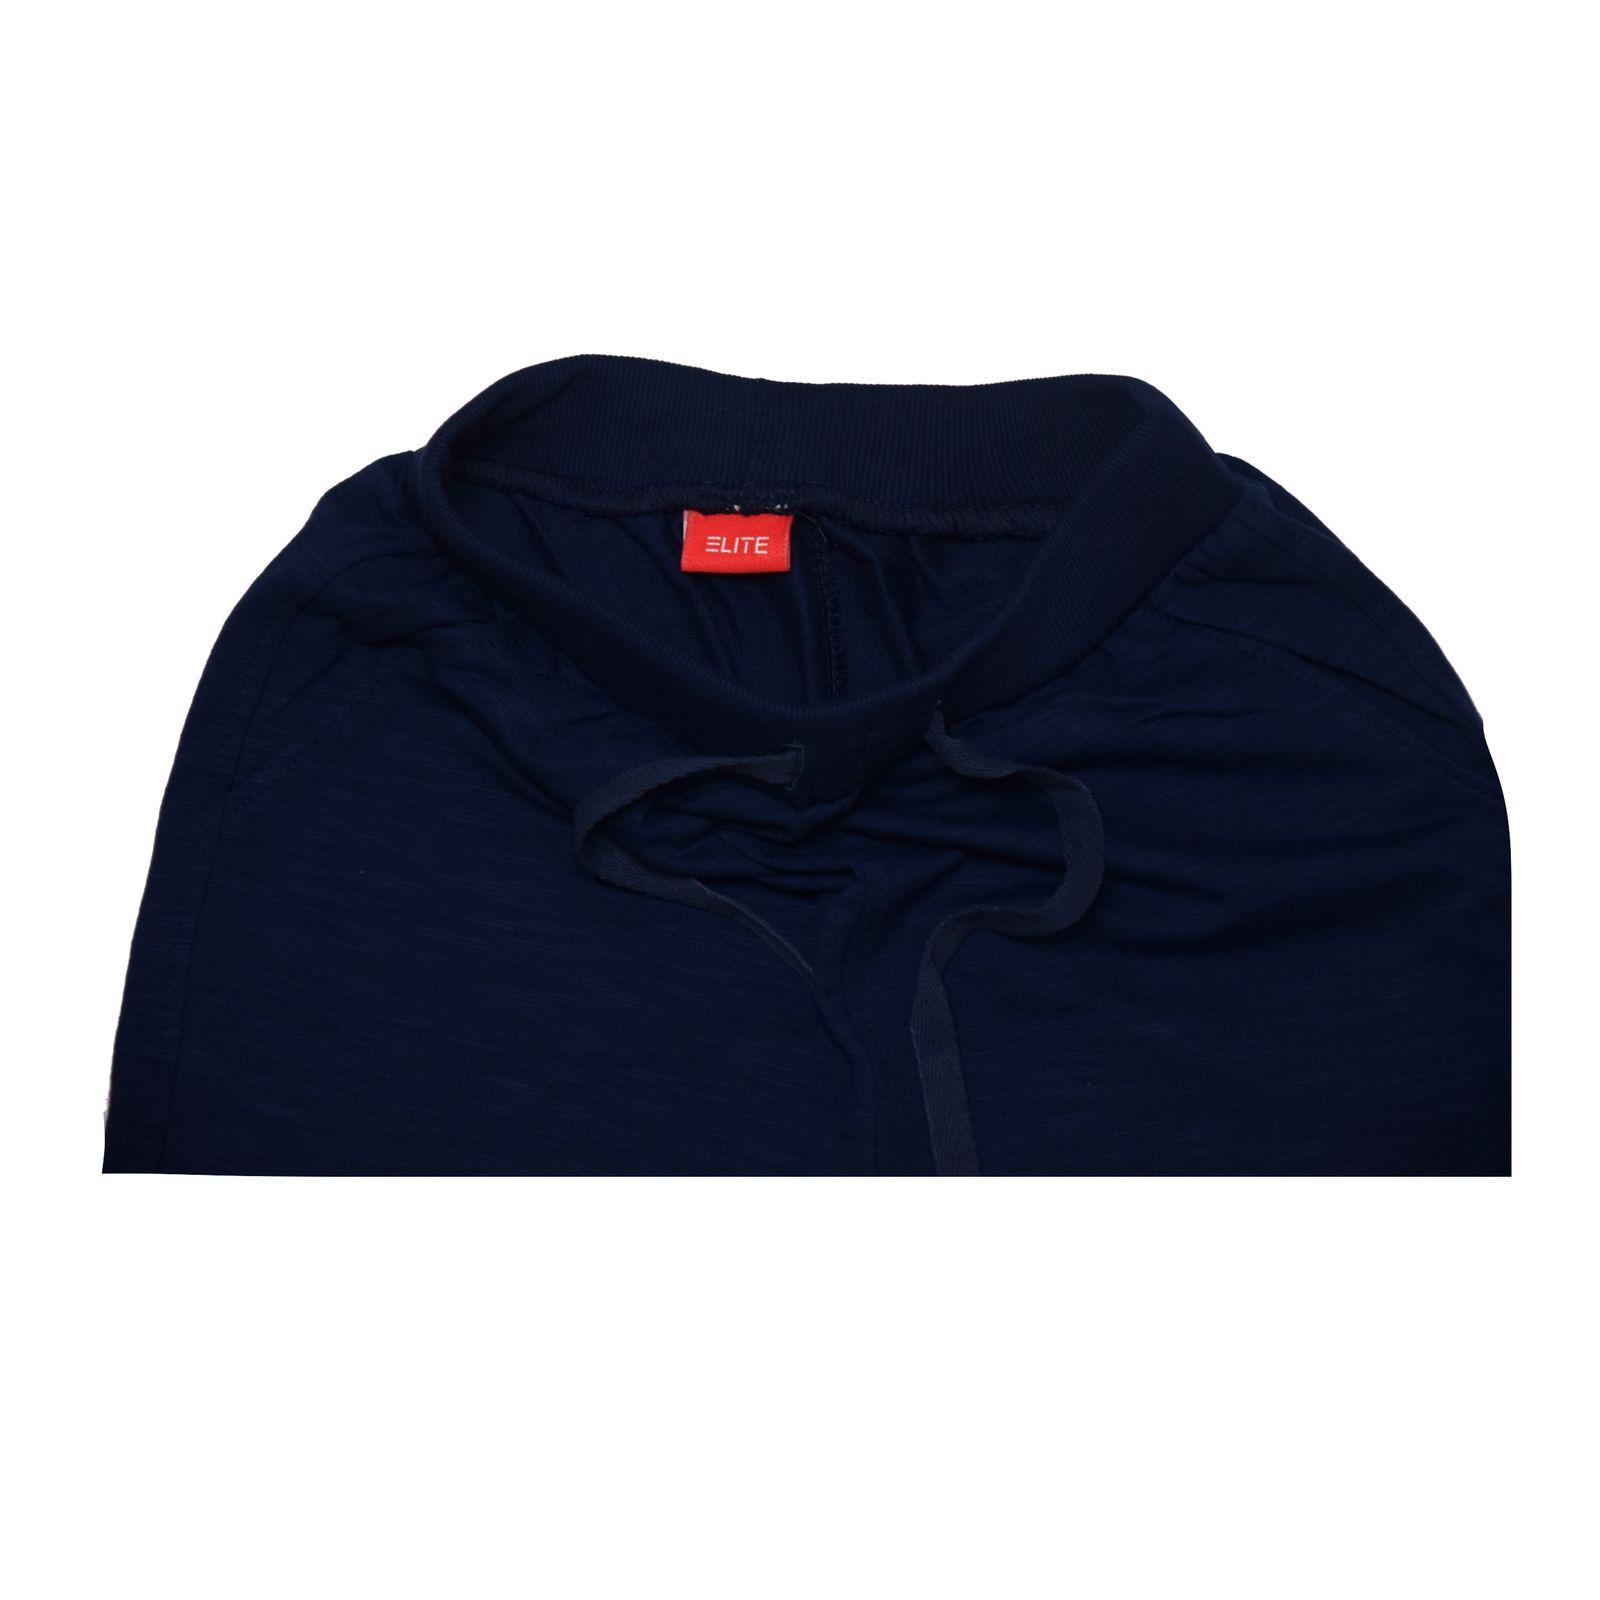 ست تی شرت و شلوارک پسرانه الیت مدل 1-669 -  - 4